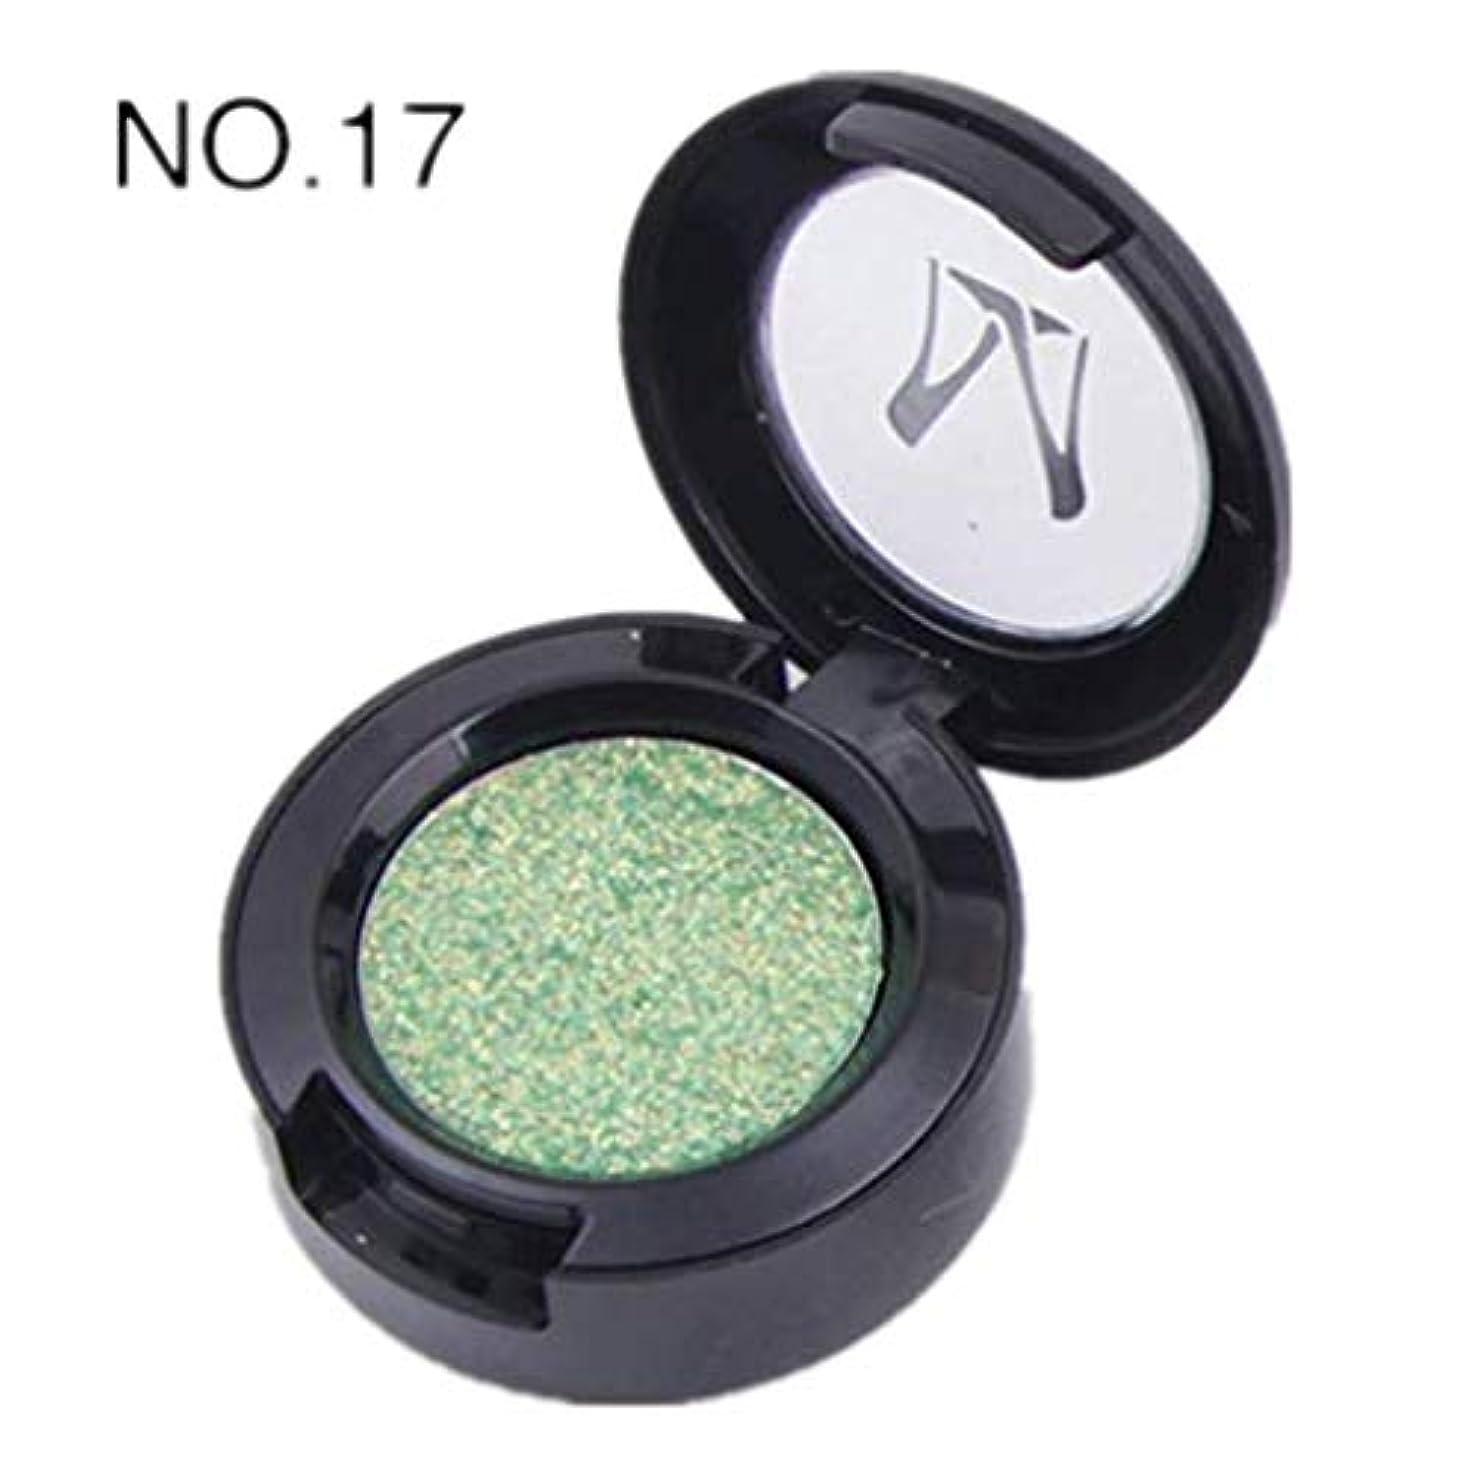 ピル花弁実用的7001-074Mファッション単色アイシャドウパレットシマーメイクツールシマーアイシャドウ化粧品キットのフルシマーアイシャドウ